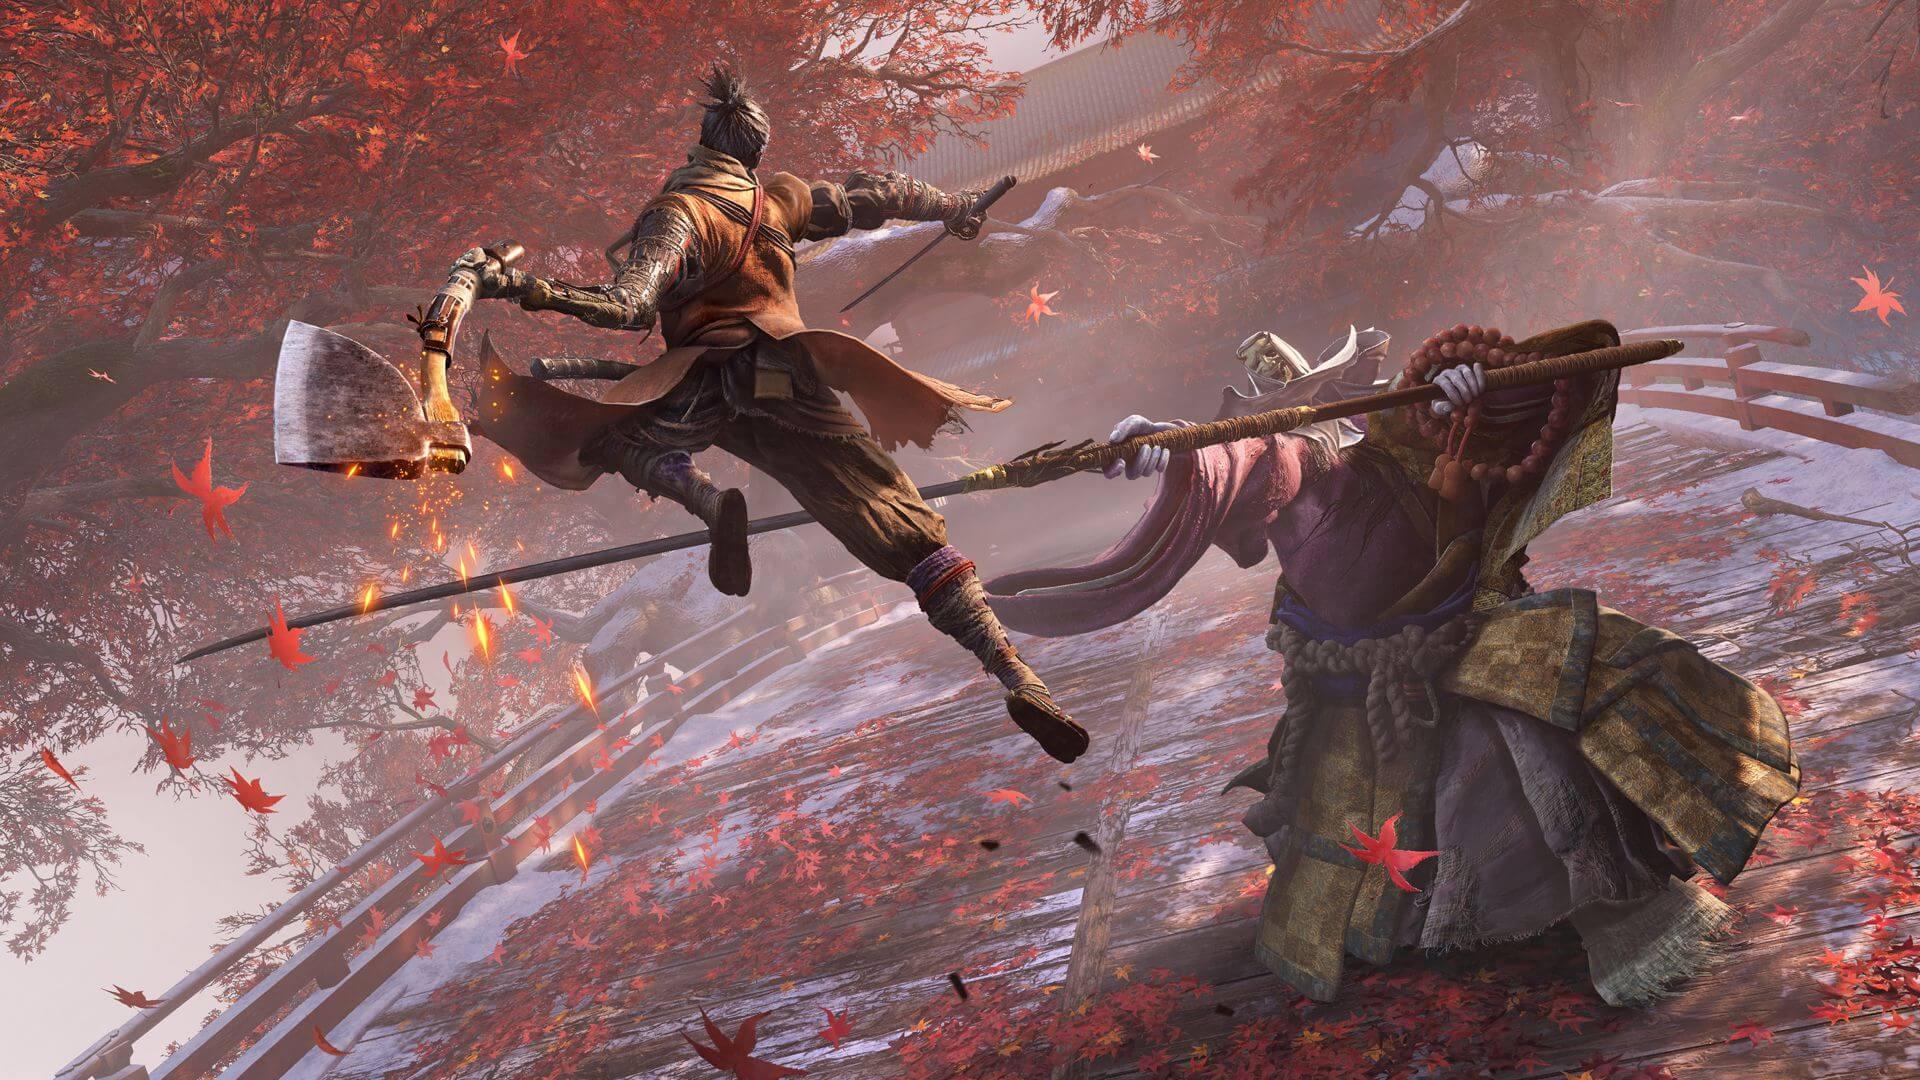 SEKIRO Shadow Die Twice Segera Dirilis Dalam Waktu Dekat, Namun Hilangnya Sejumlah Fitur Game Membuat Penggemar Merasa Kecewa !